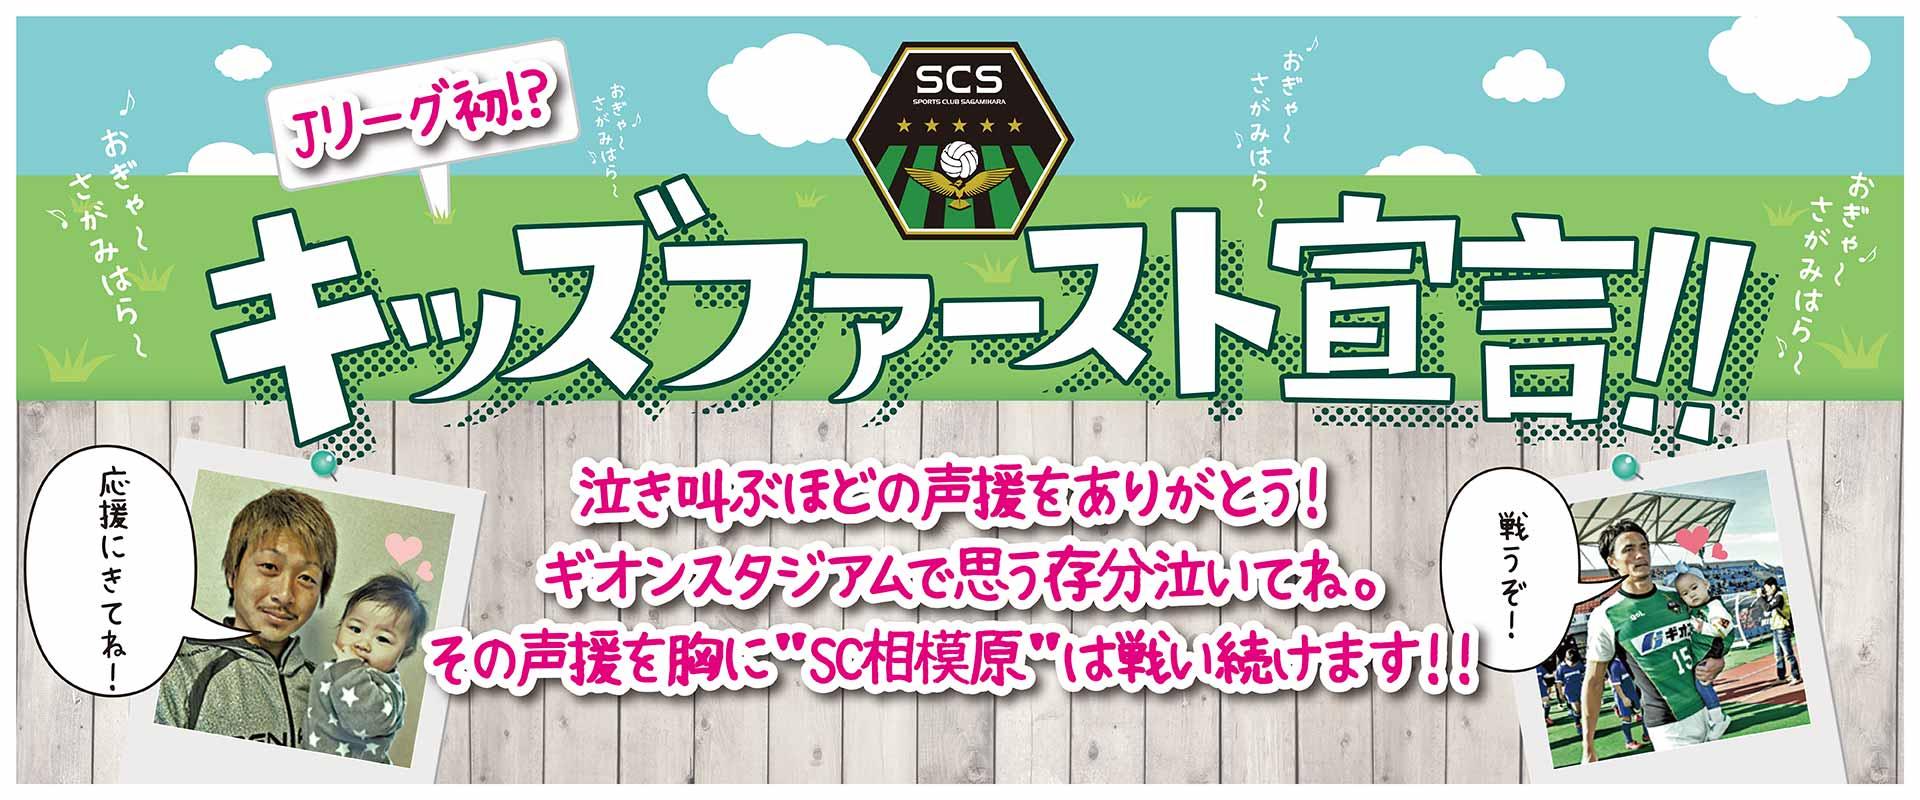 SCS_WEB_キッズファースト宣言.jpg